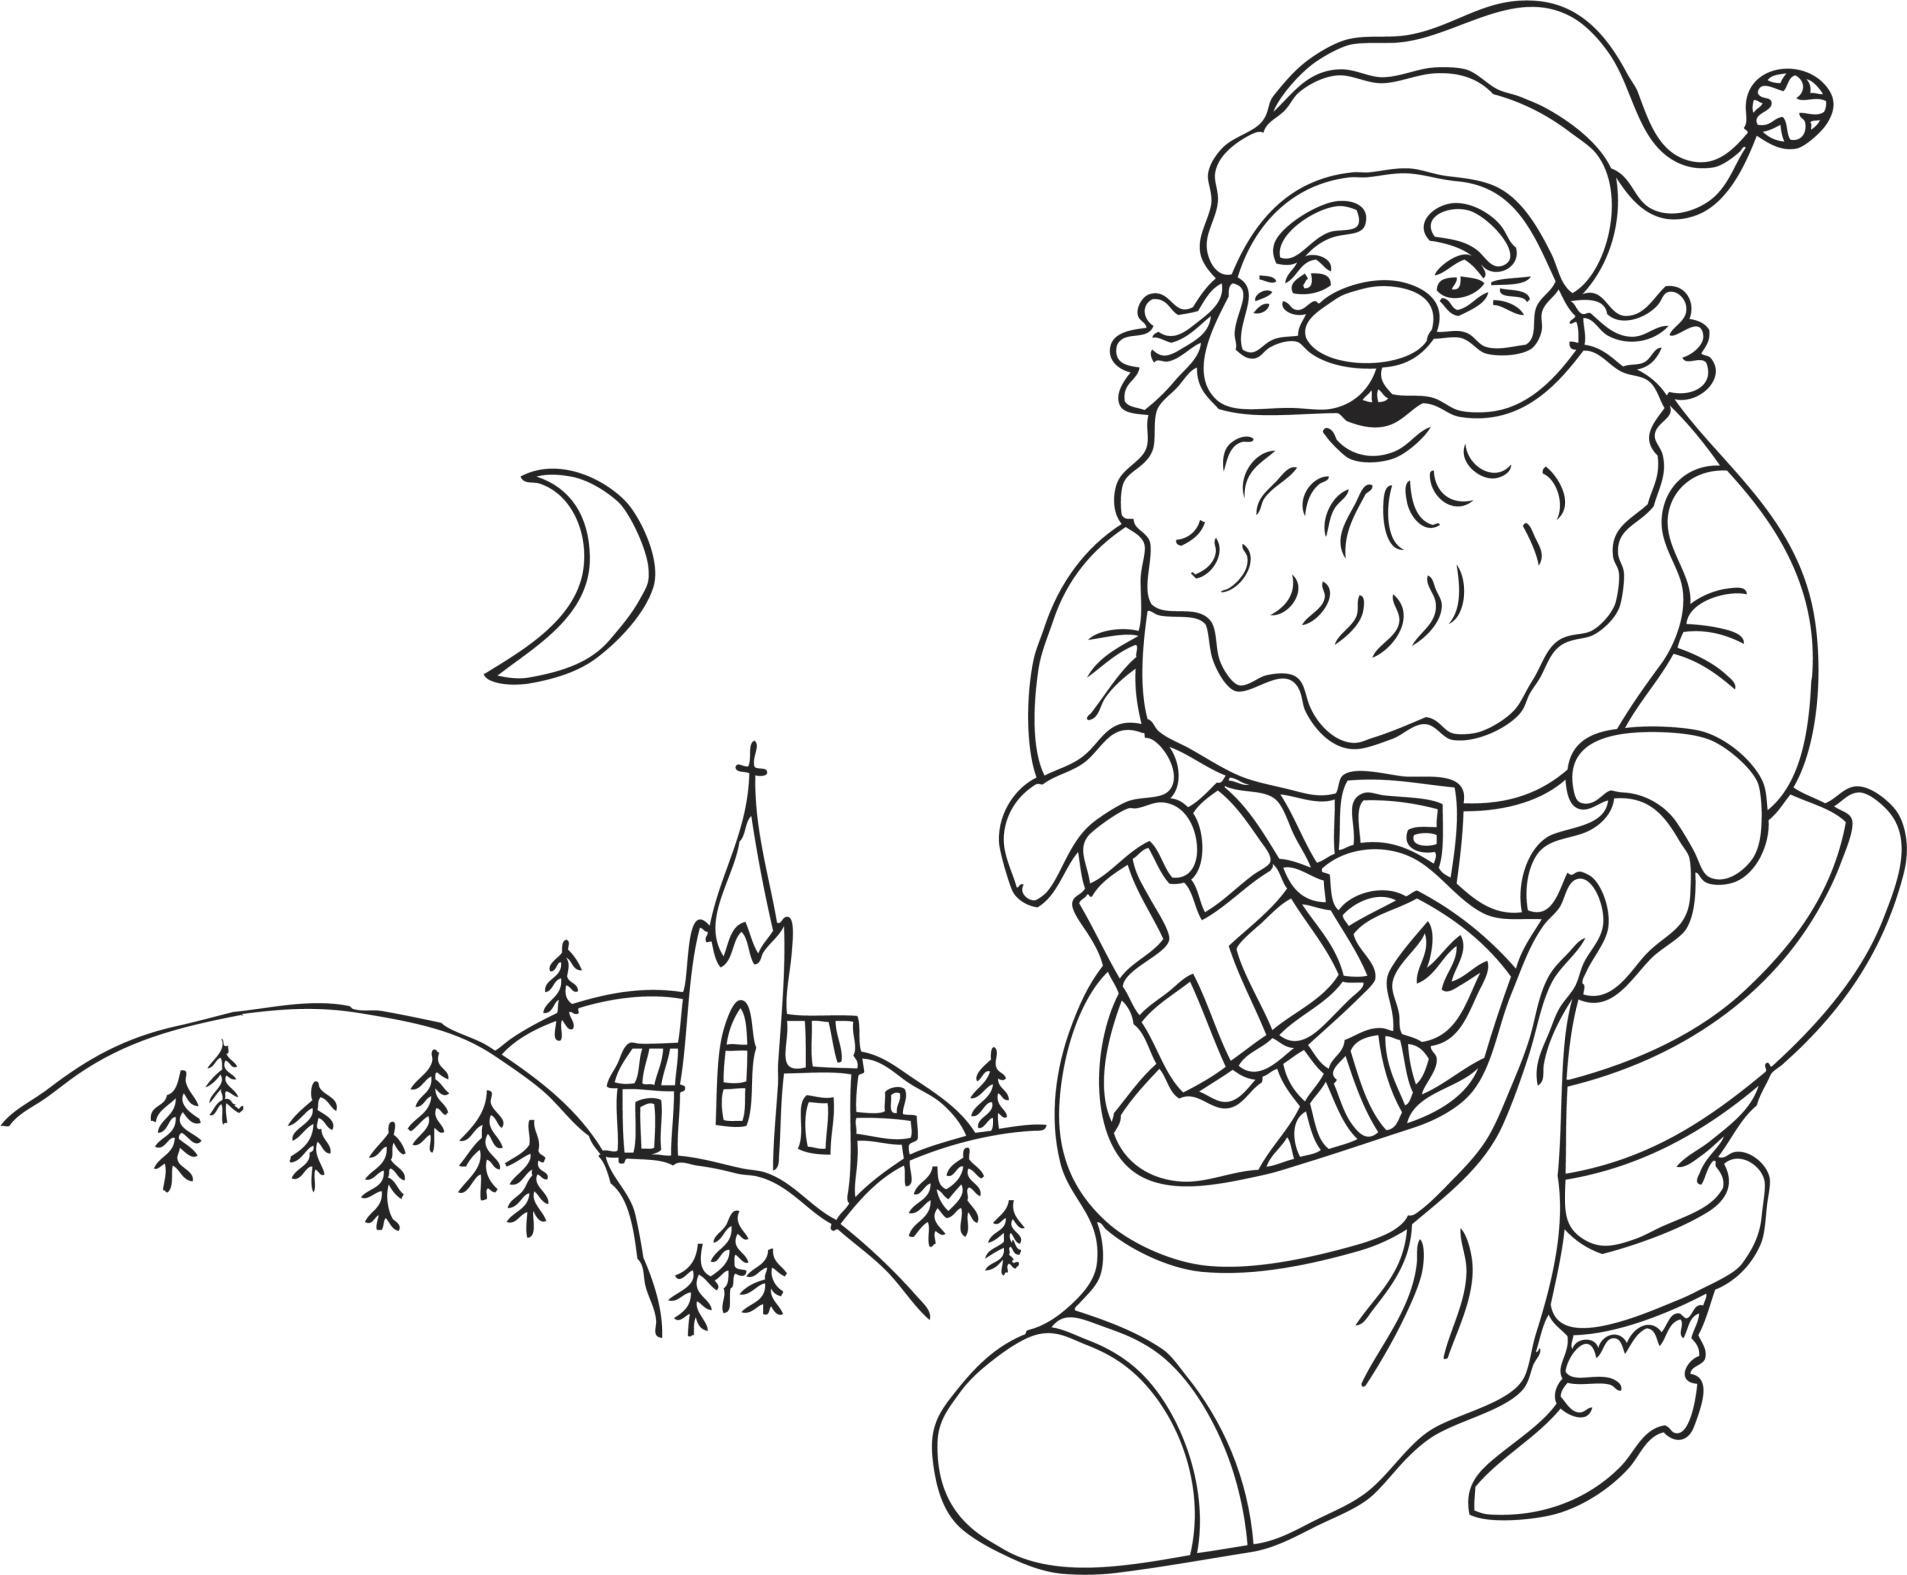 Dibujos Para Colorear Navidenos Imprimir: 54 Dibujos De Navidad, Tarjetas , Papa Noel Y Arbolitos De